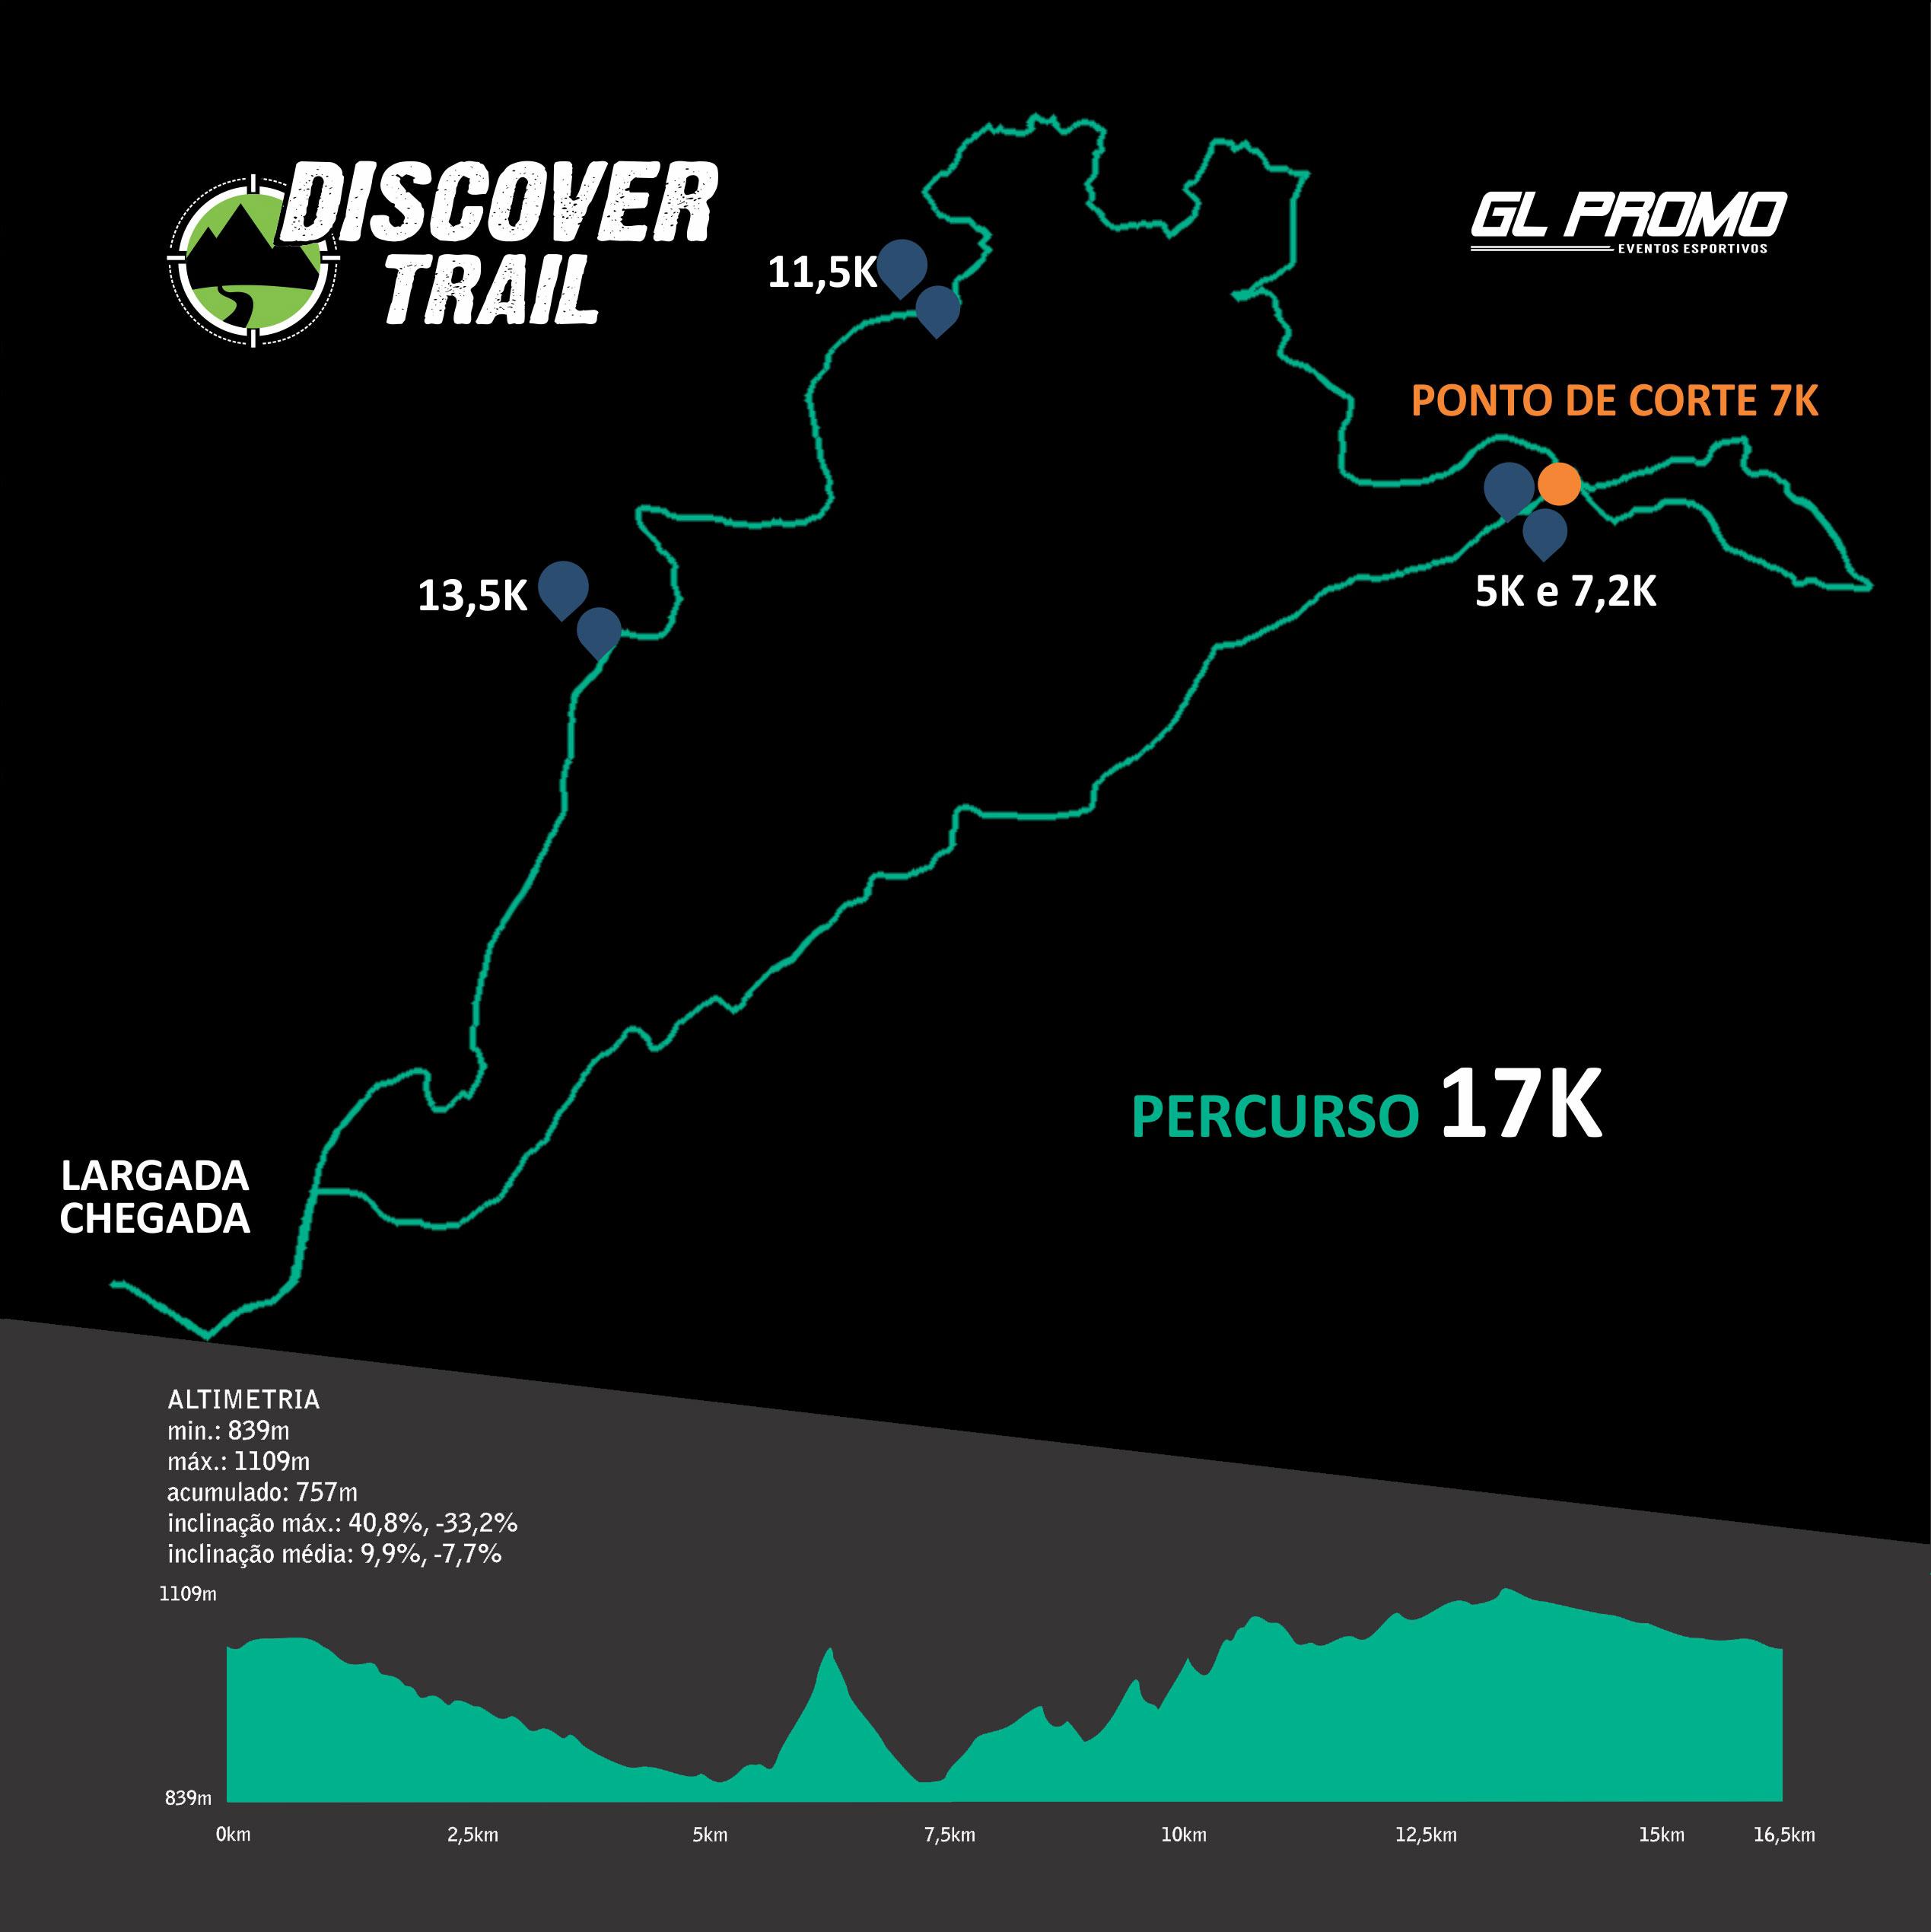 Percurso 17k Discover Trail São Luiz do Purunã